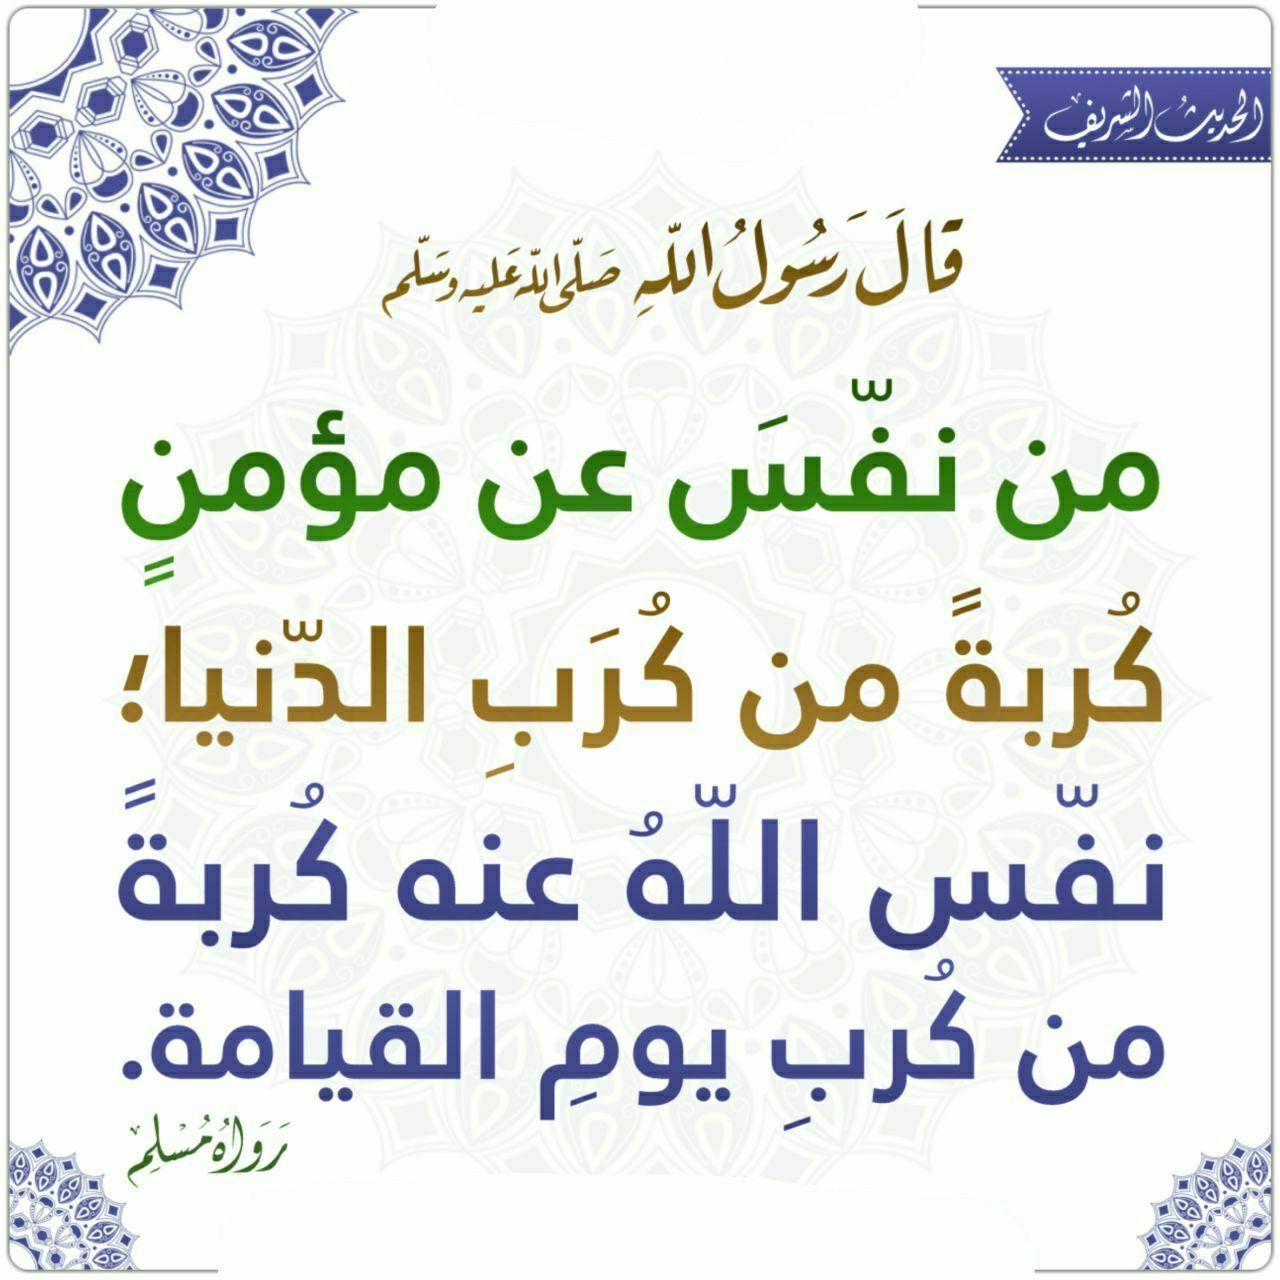 Pin By الأثر الجميل On أحاديث نبوية Hadith Salaah Ahadith